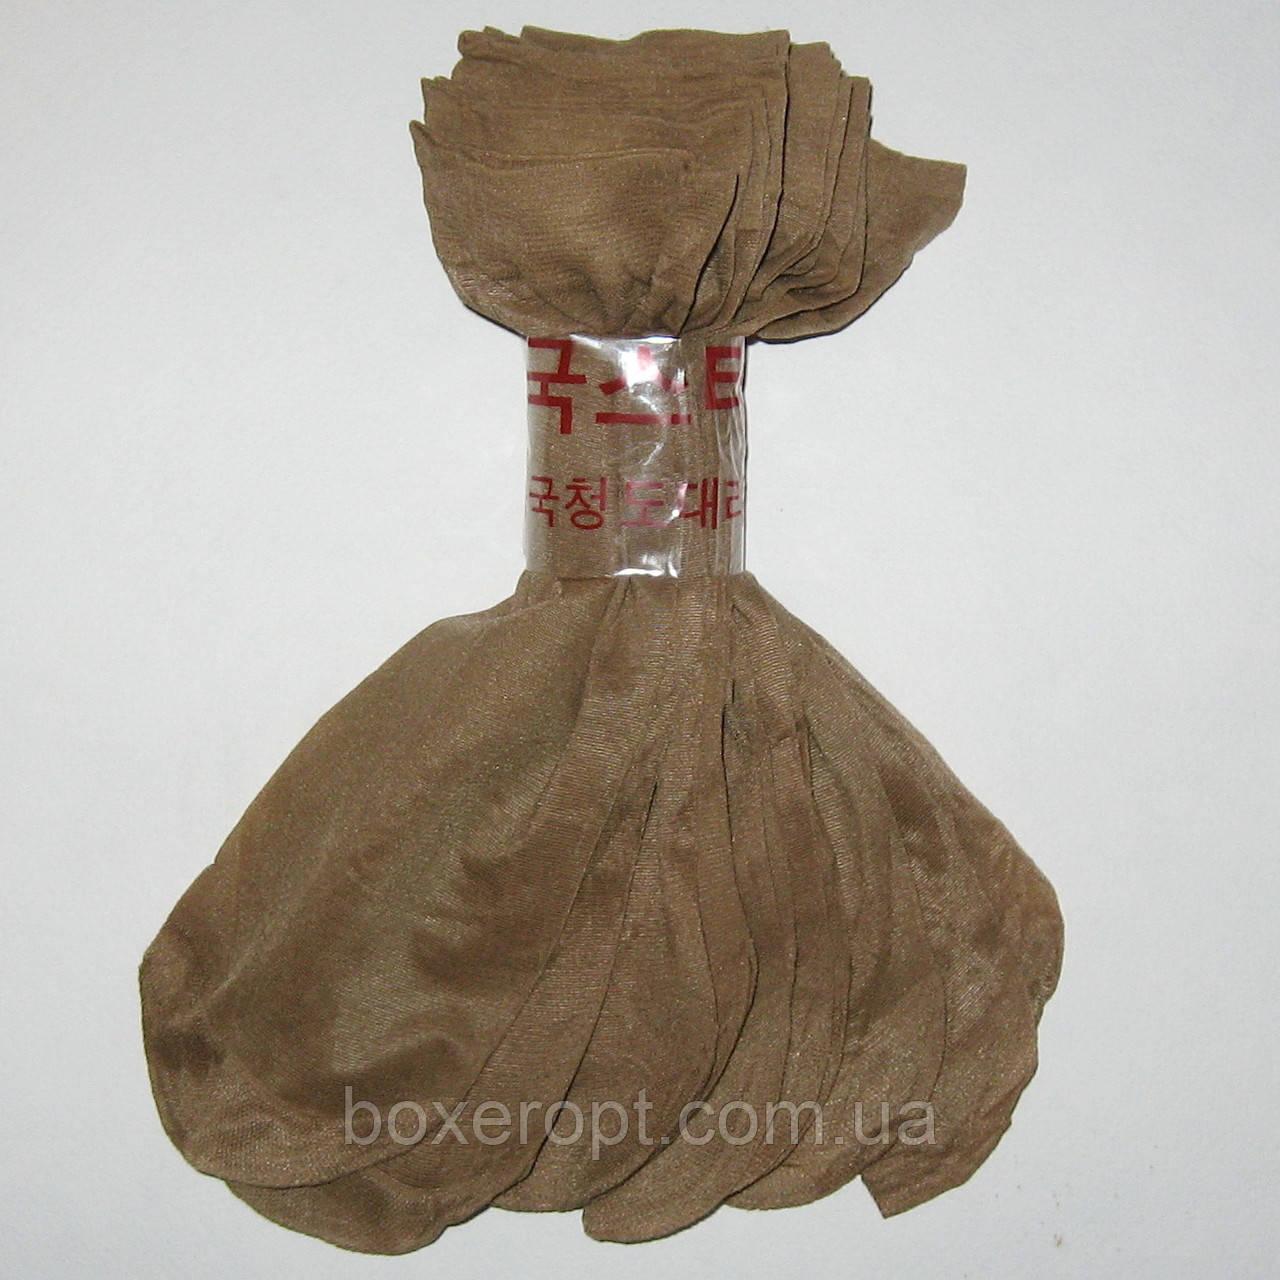 Женские капроновые носки - 2.80 грн./пара (бежевые)